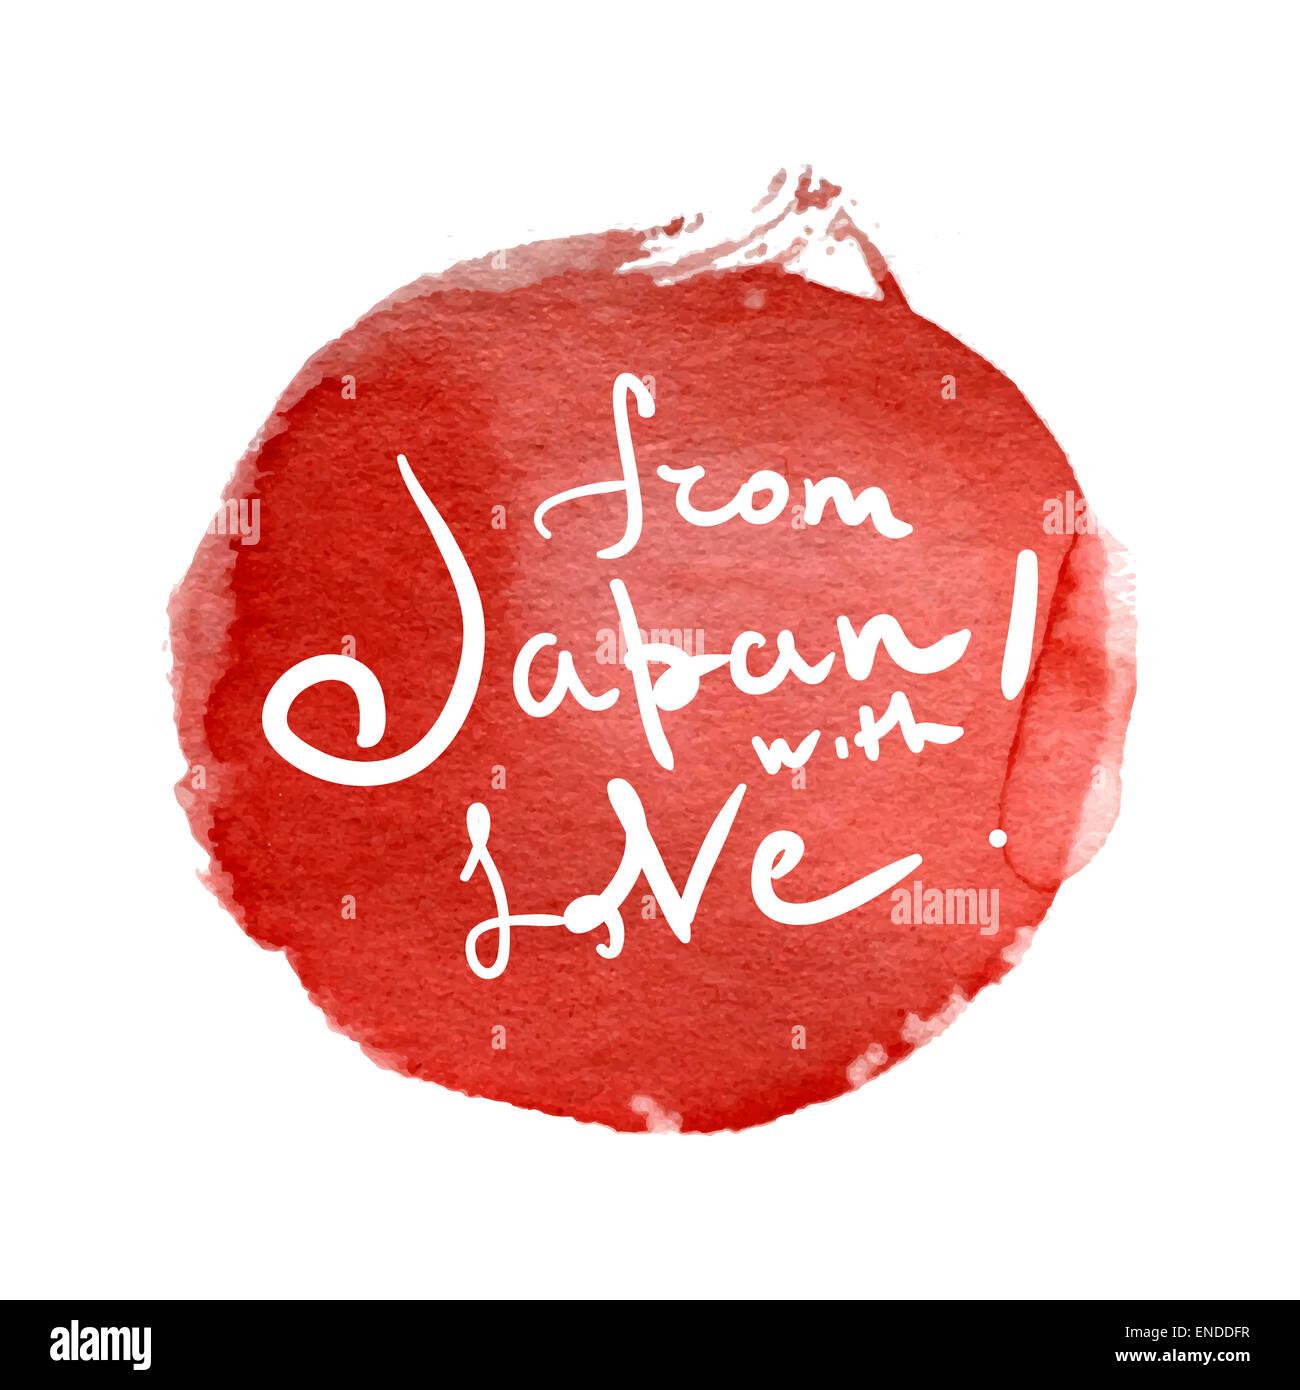 Dal Giappone Con Amore Scritto A Mano Letterig Frase Sull